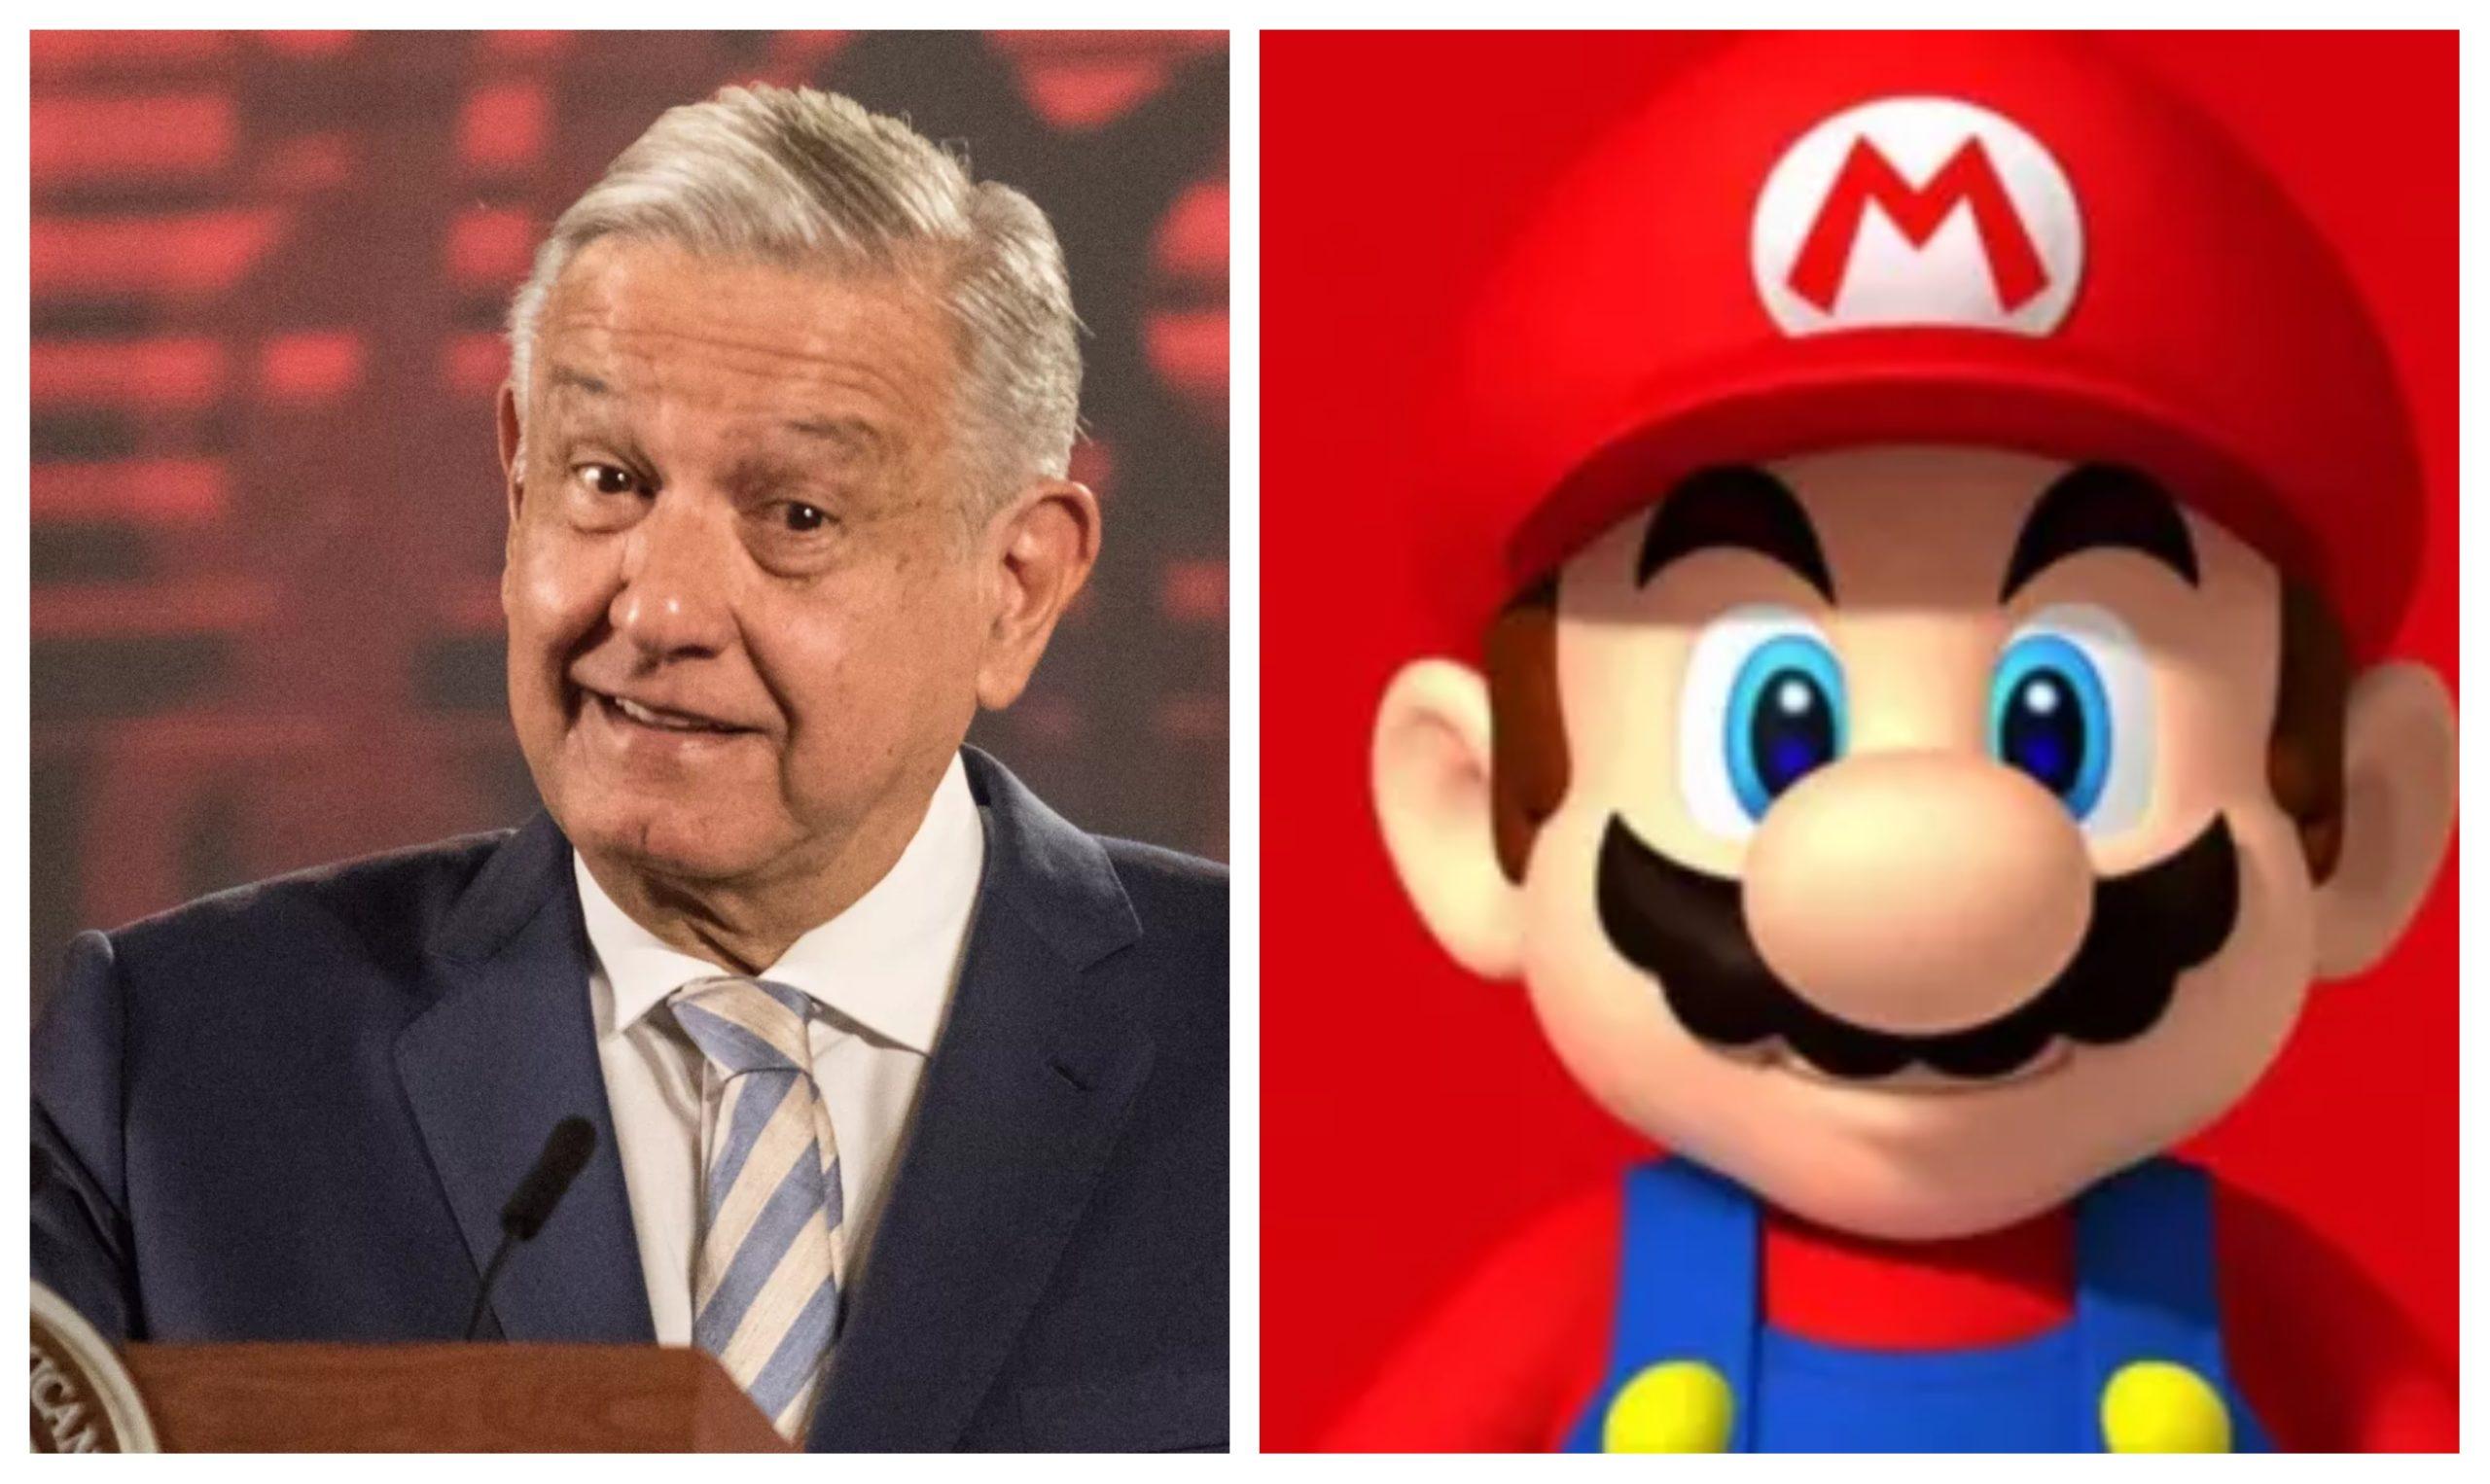 Nintendo vs AMLO, estos son los pros y contras de los videjouegos